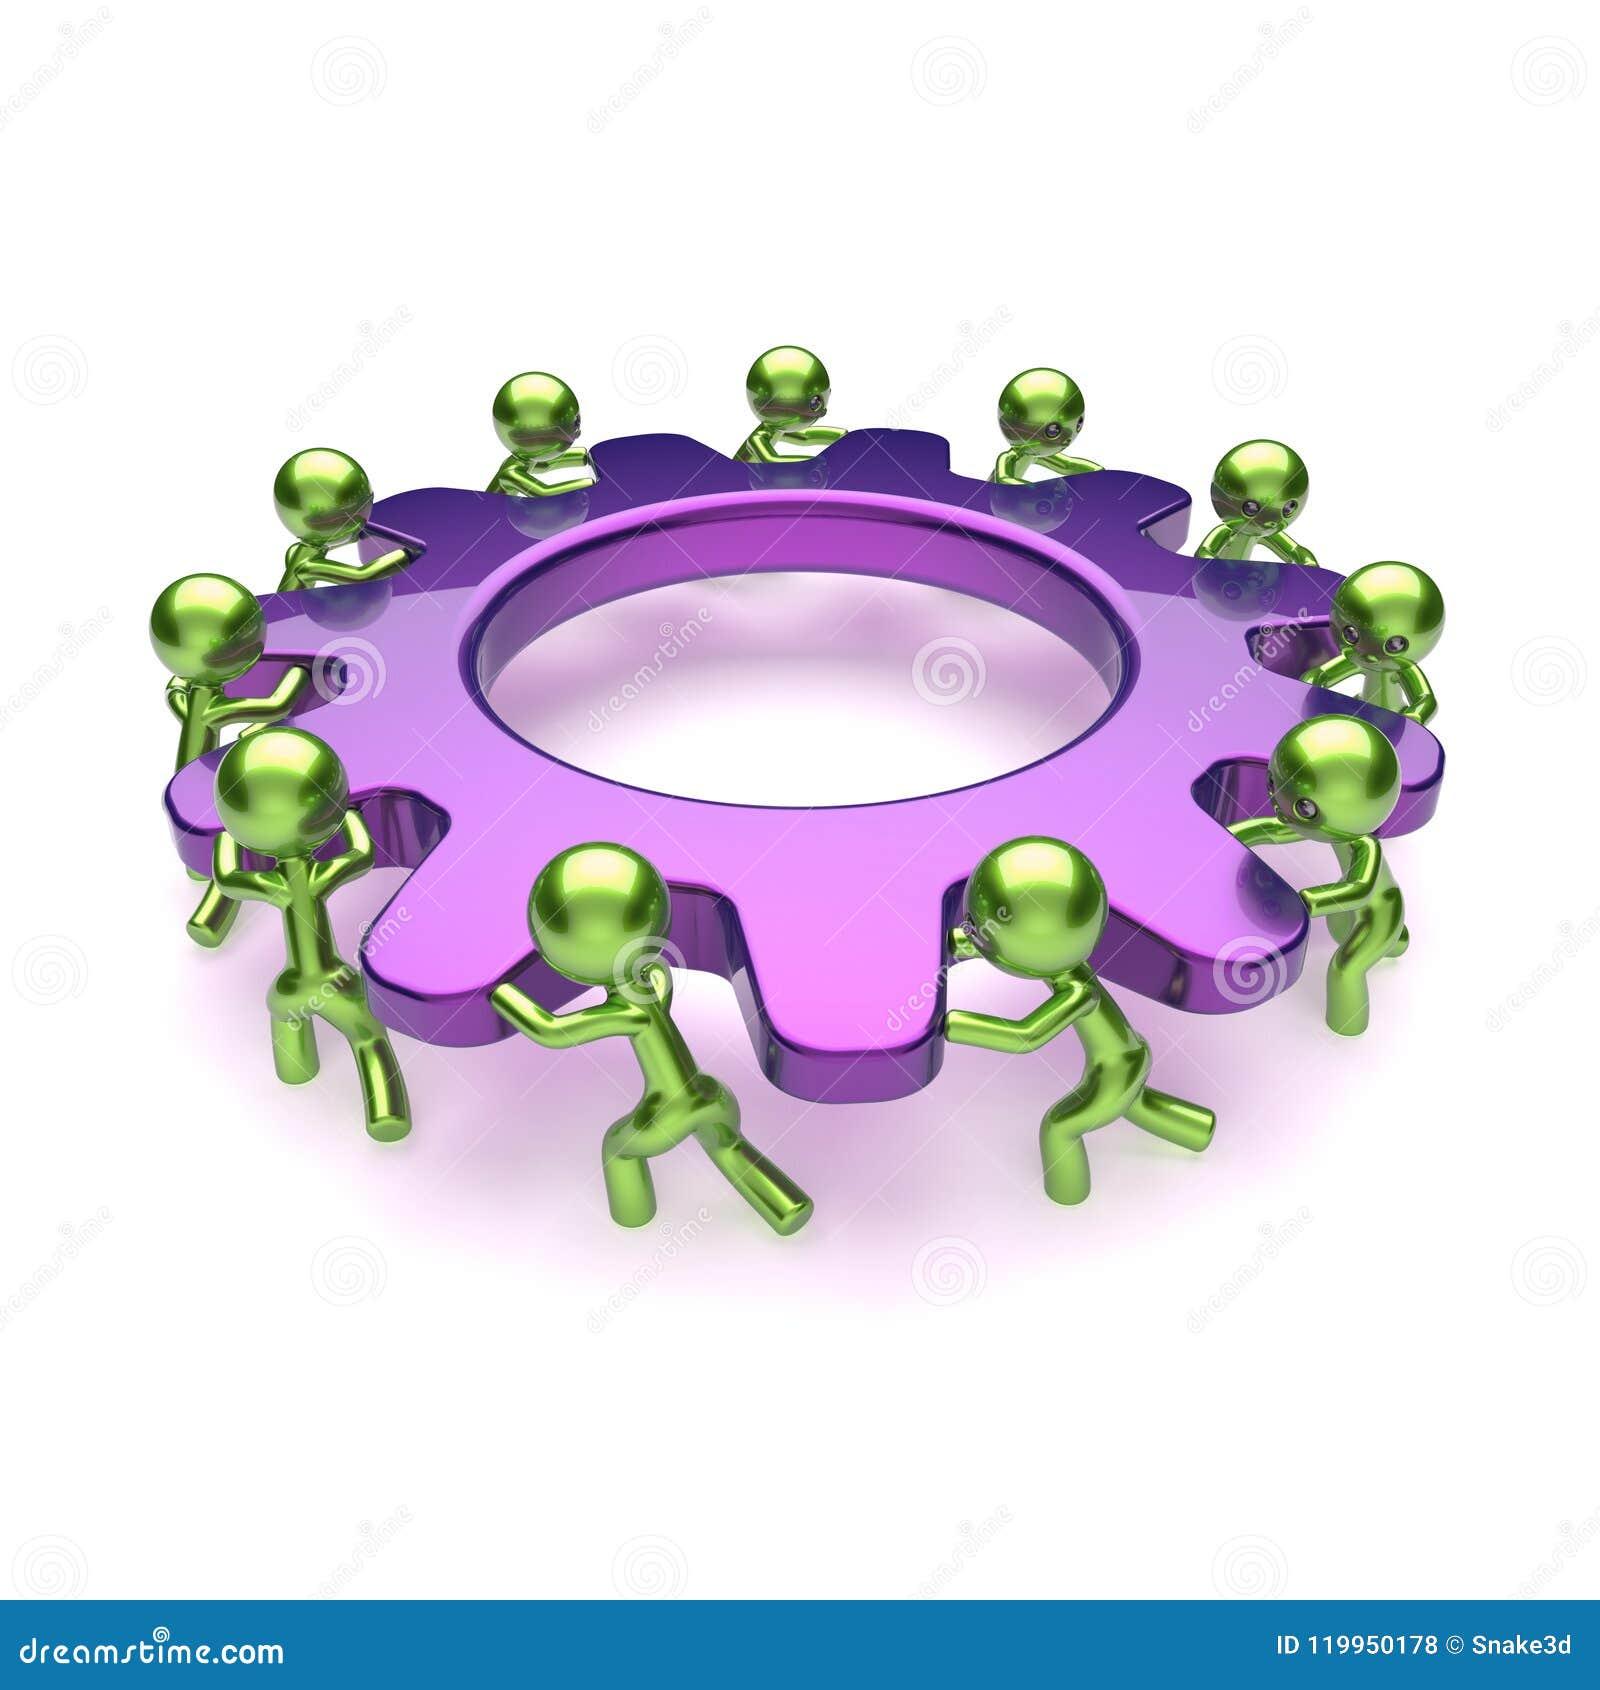 Caracteres del proceso de negocio de la rueda dentada del trabajo en equipo, rueda de engranaje púrpura